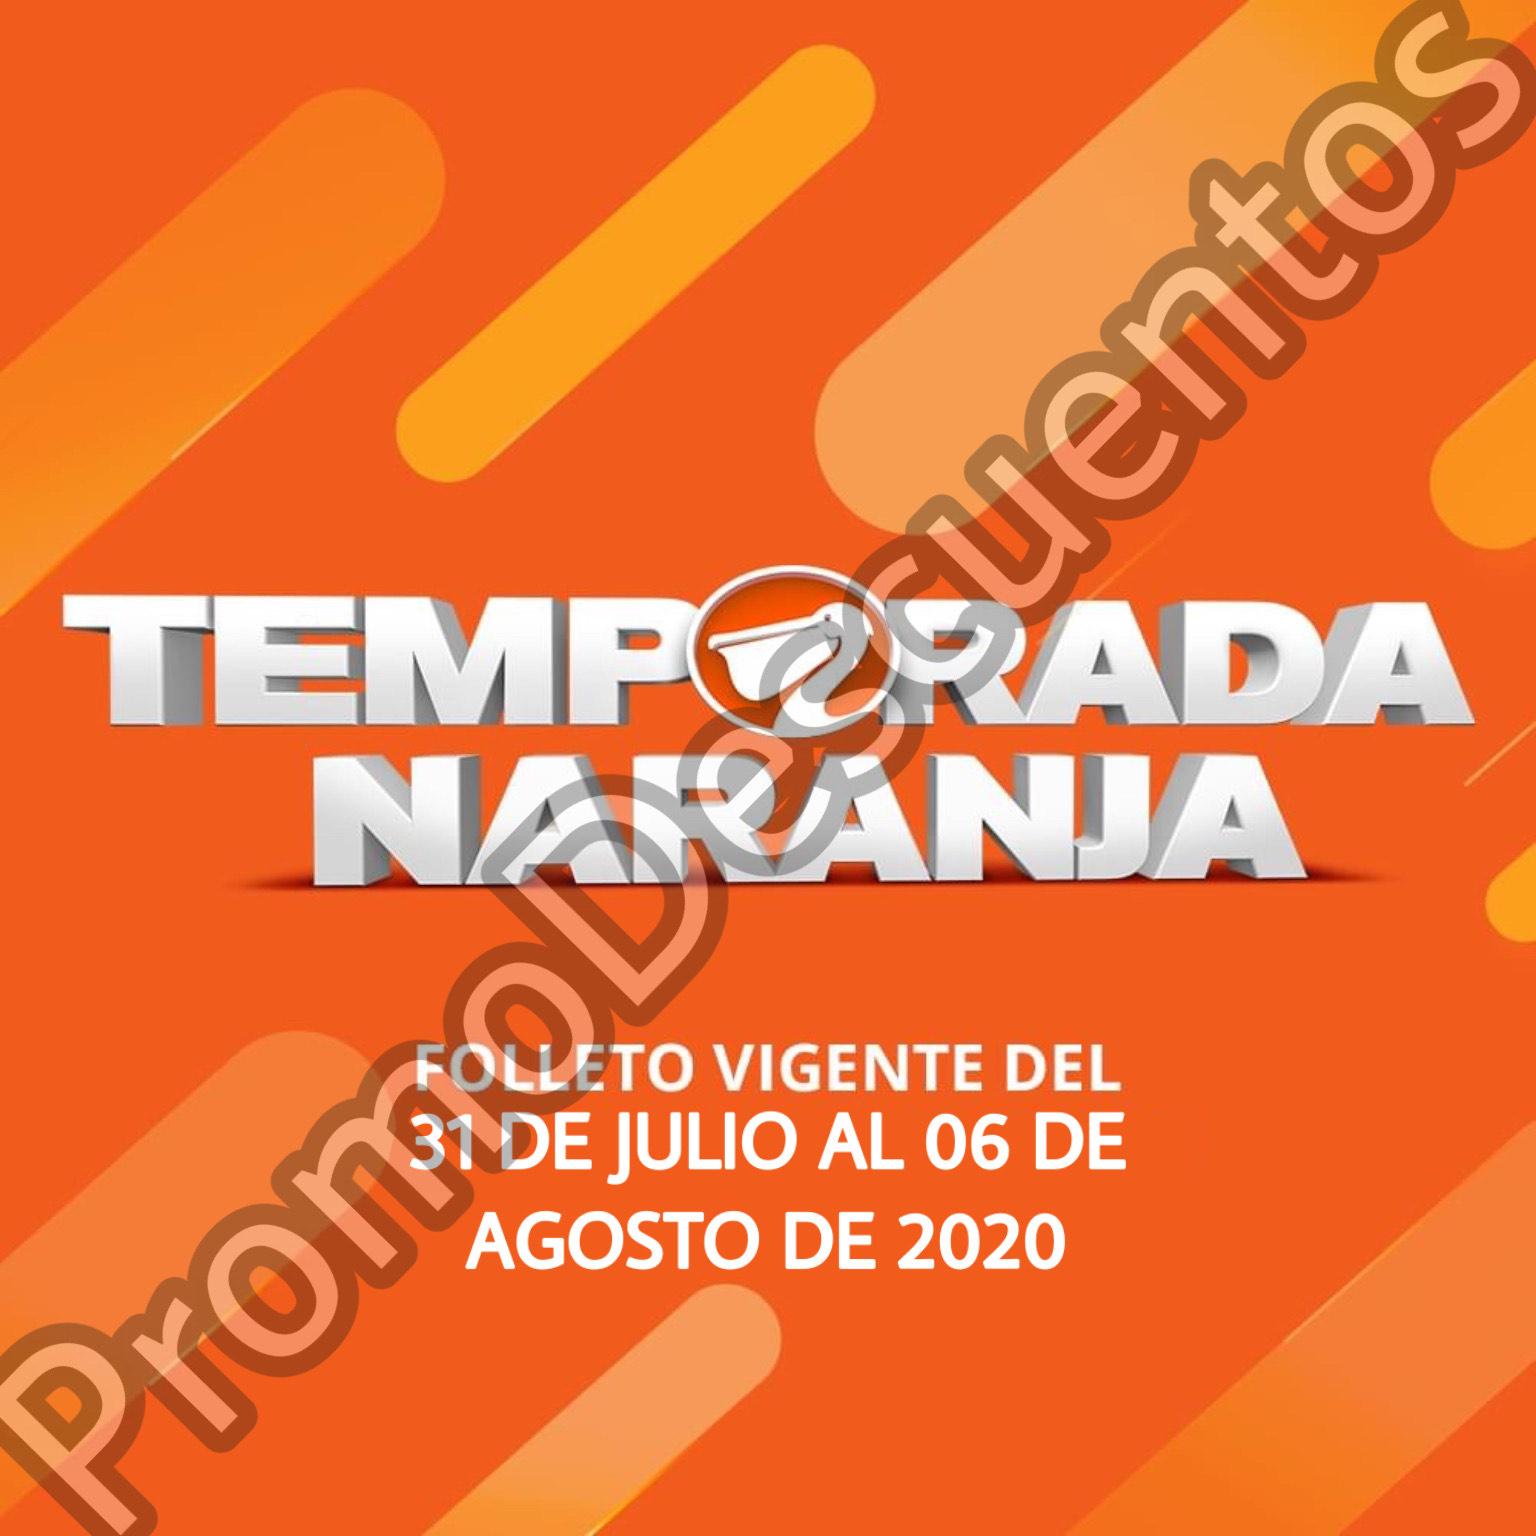 Temporada Naranja 2020 en La Comer: 8vo y Último Folleto de Ofertas